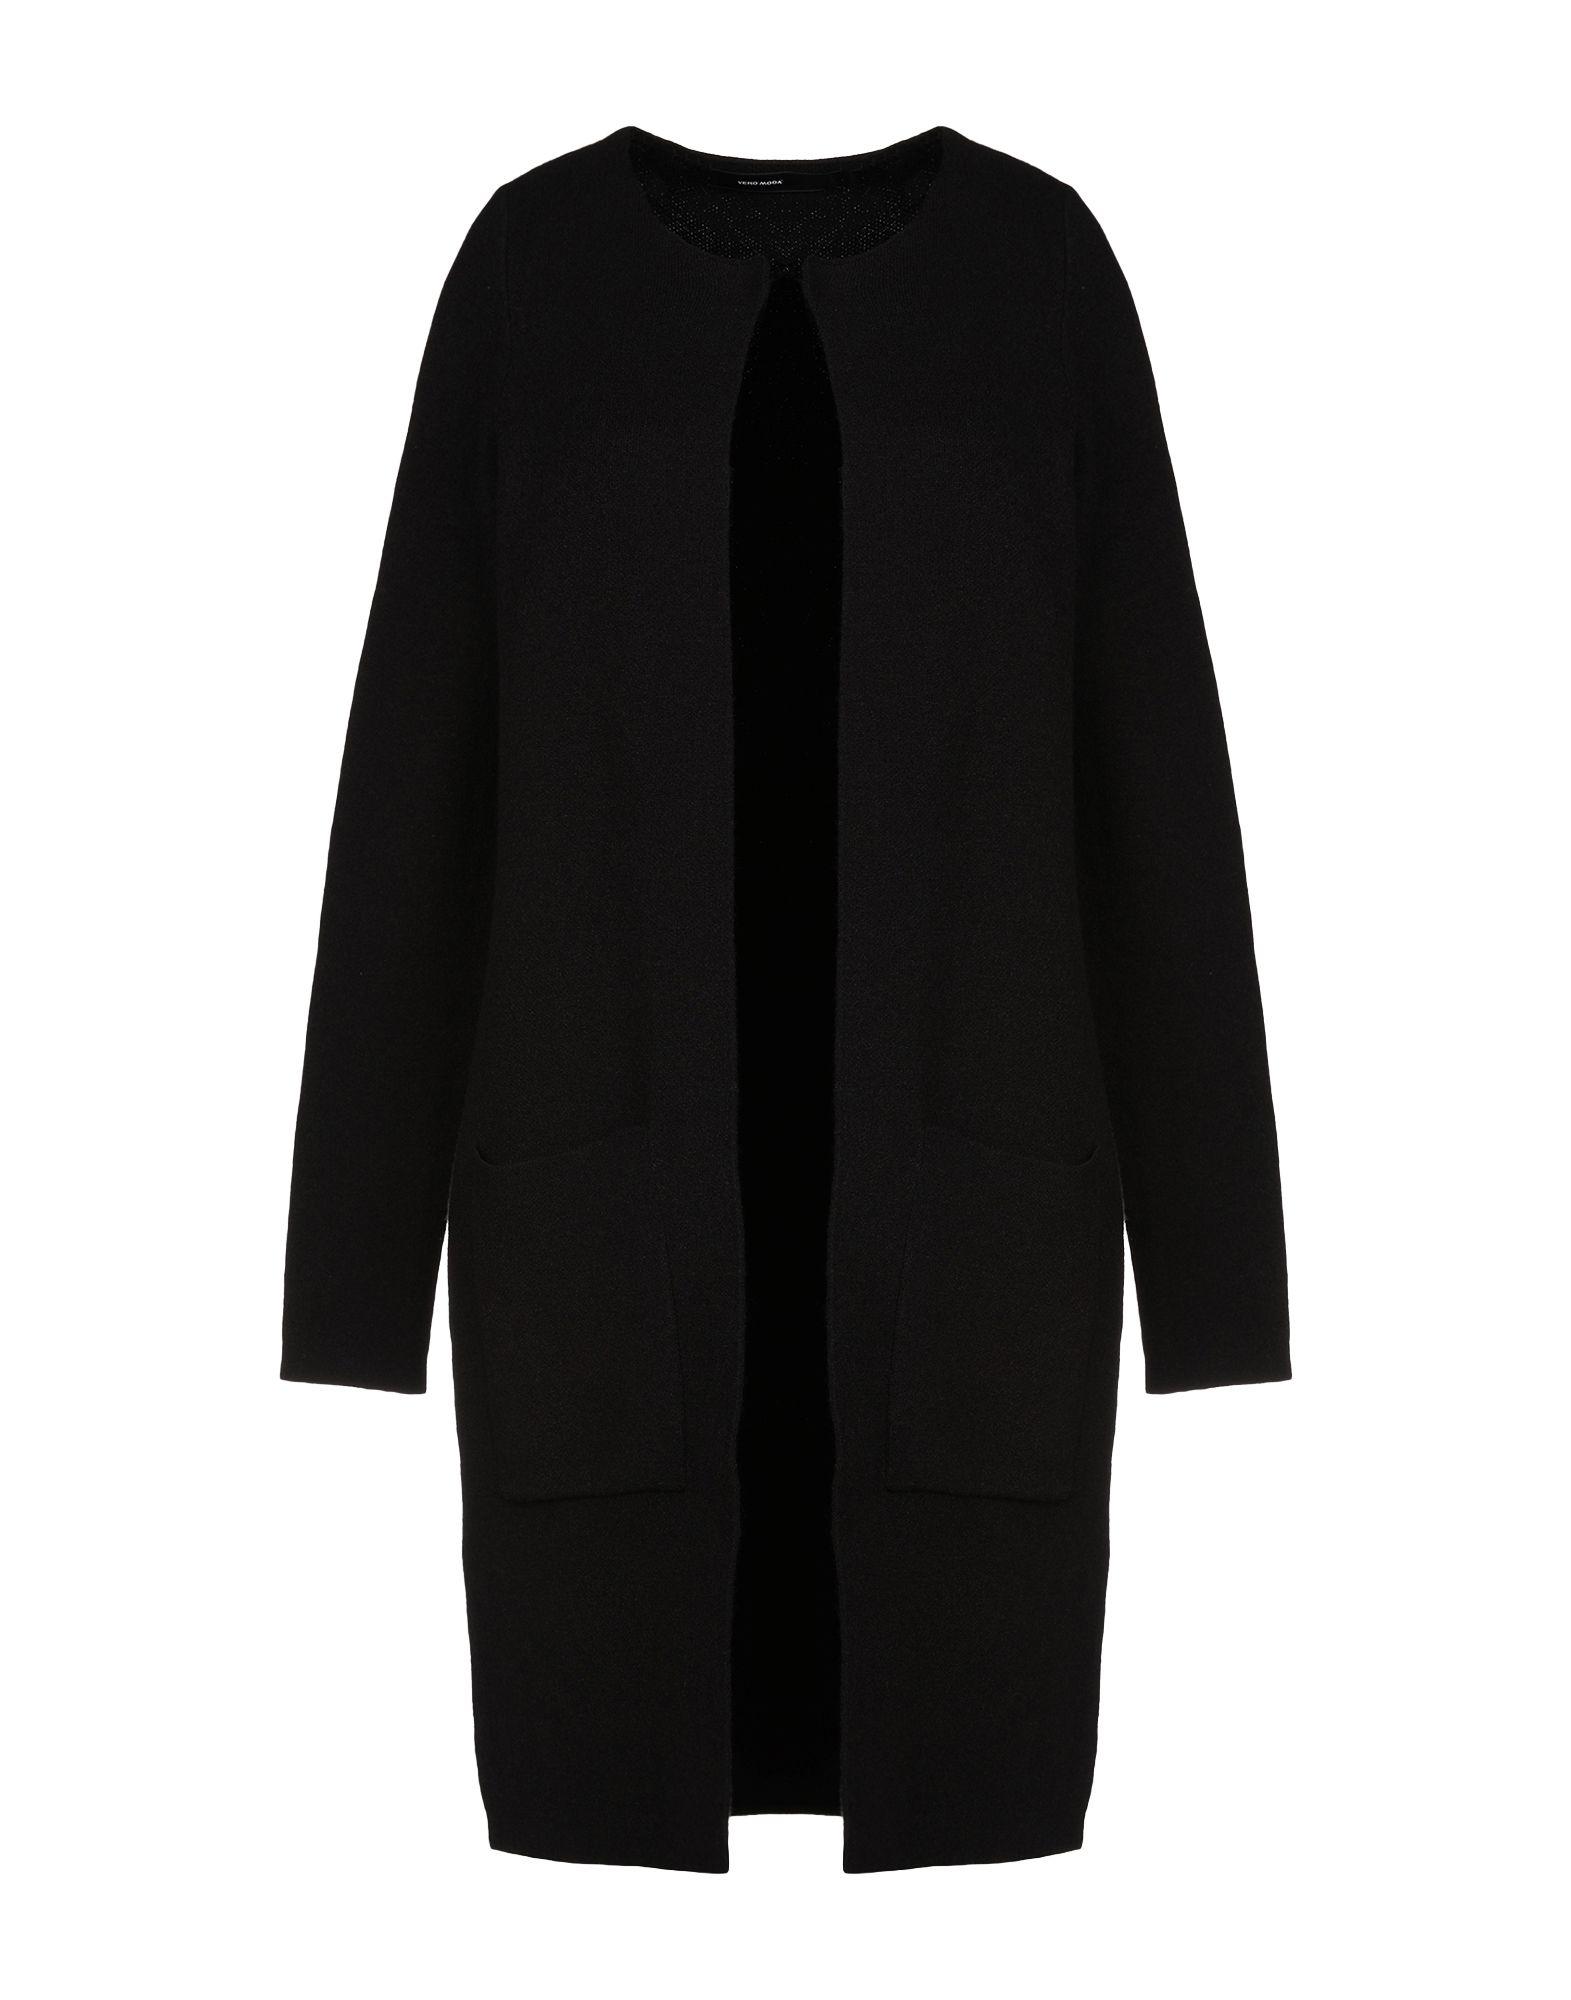 VERO MODA Кардиган кардиган vero moda 10181016 black beauty